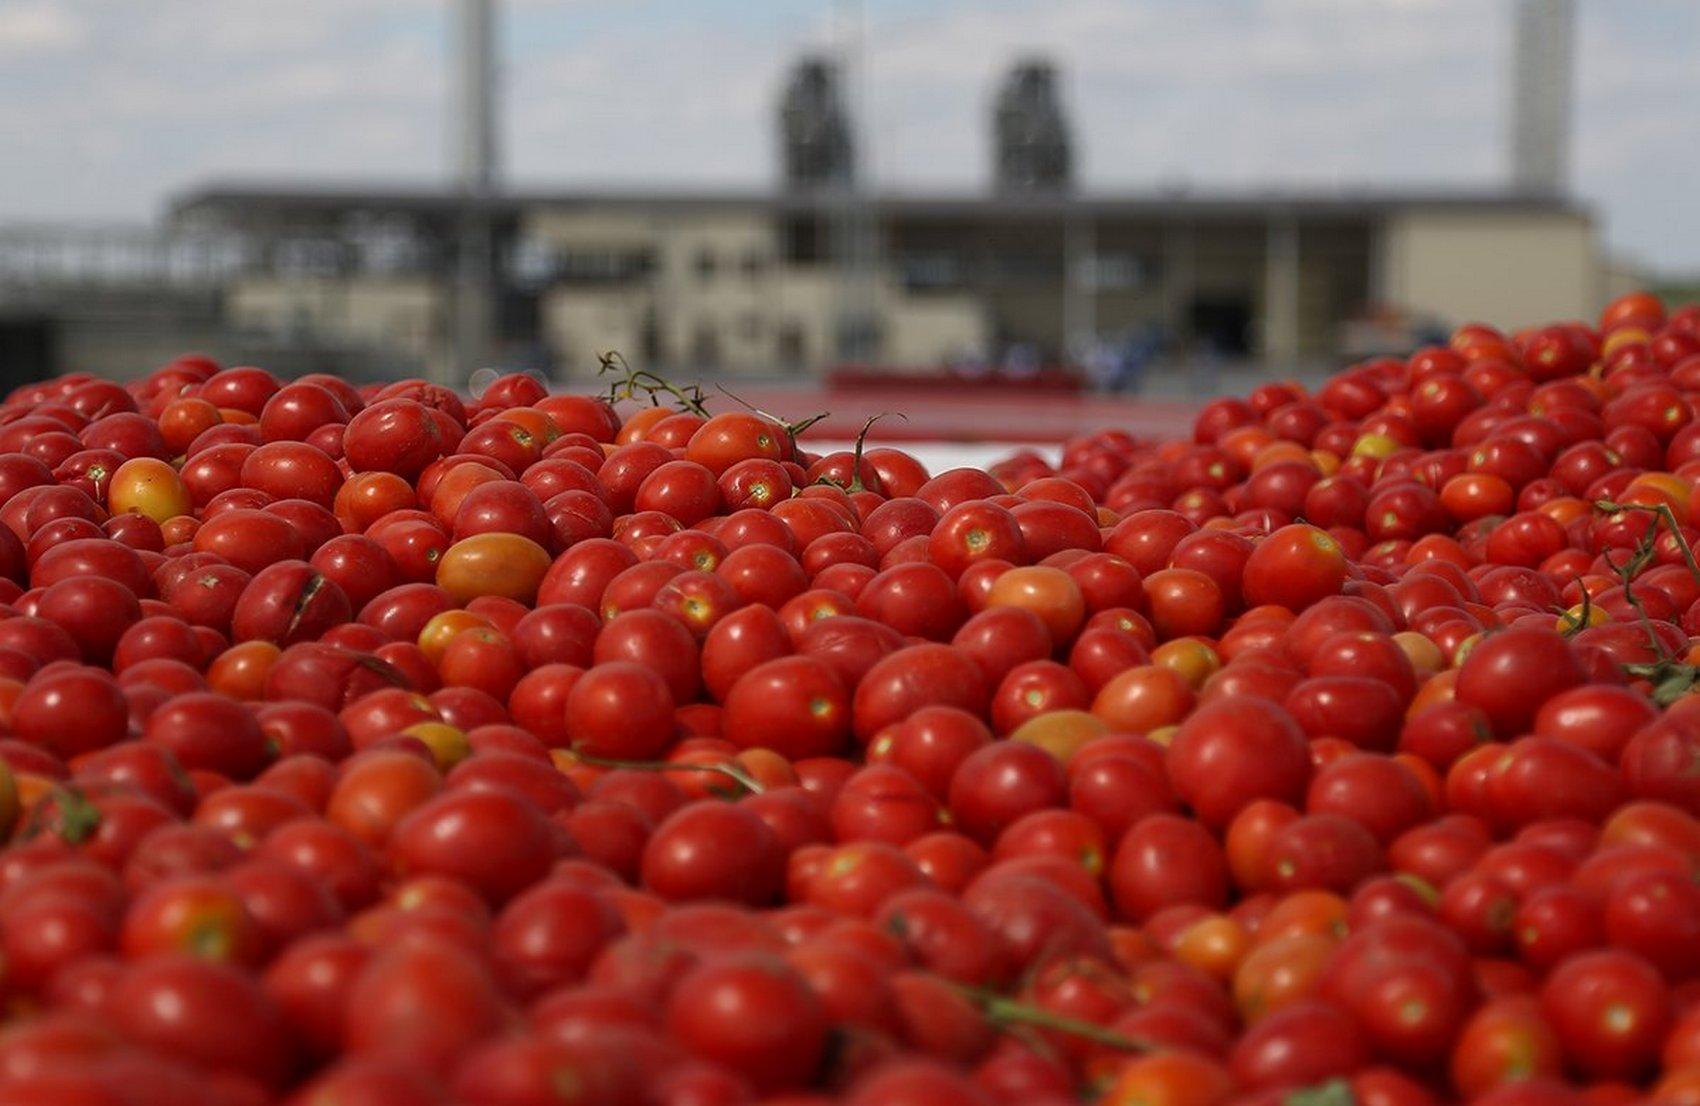 Под Херсоном фермеры выбрасывают помидоры из-за низкого спроса (видео)